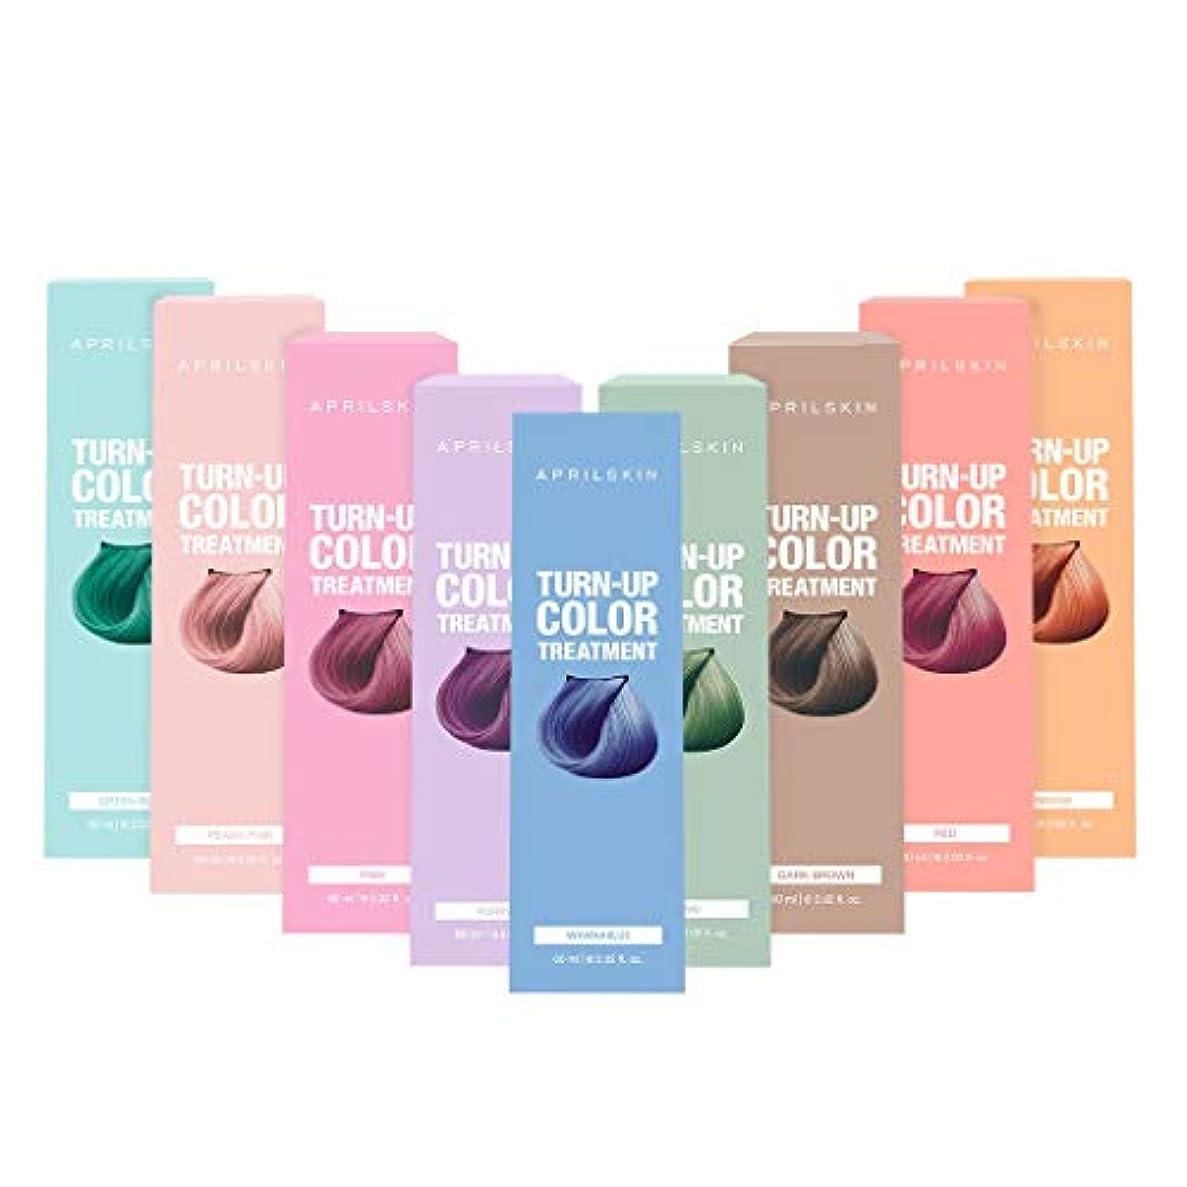 強化ジャンピングジャック賭けApril Skin Turn up Color Treatment★ビッグセール★ターンアップカラートリートメント60ml (Dark Brown)/ヘアダイ/トリートメント/K-Beauty